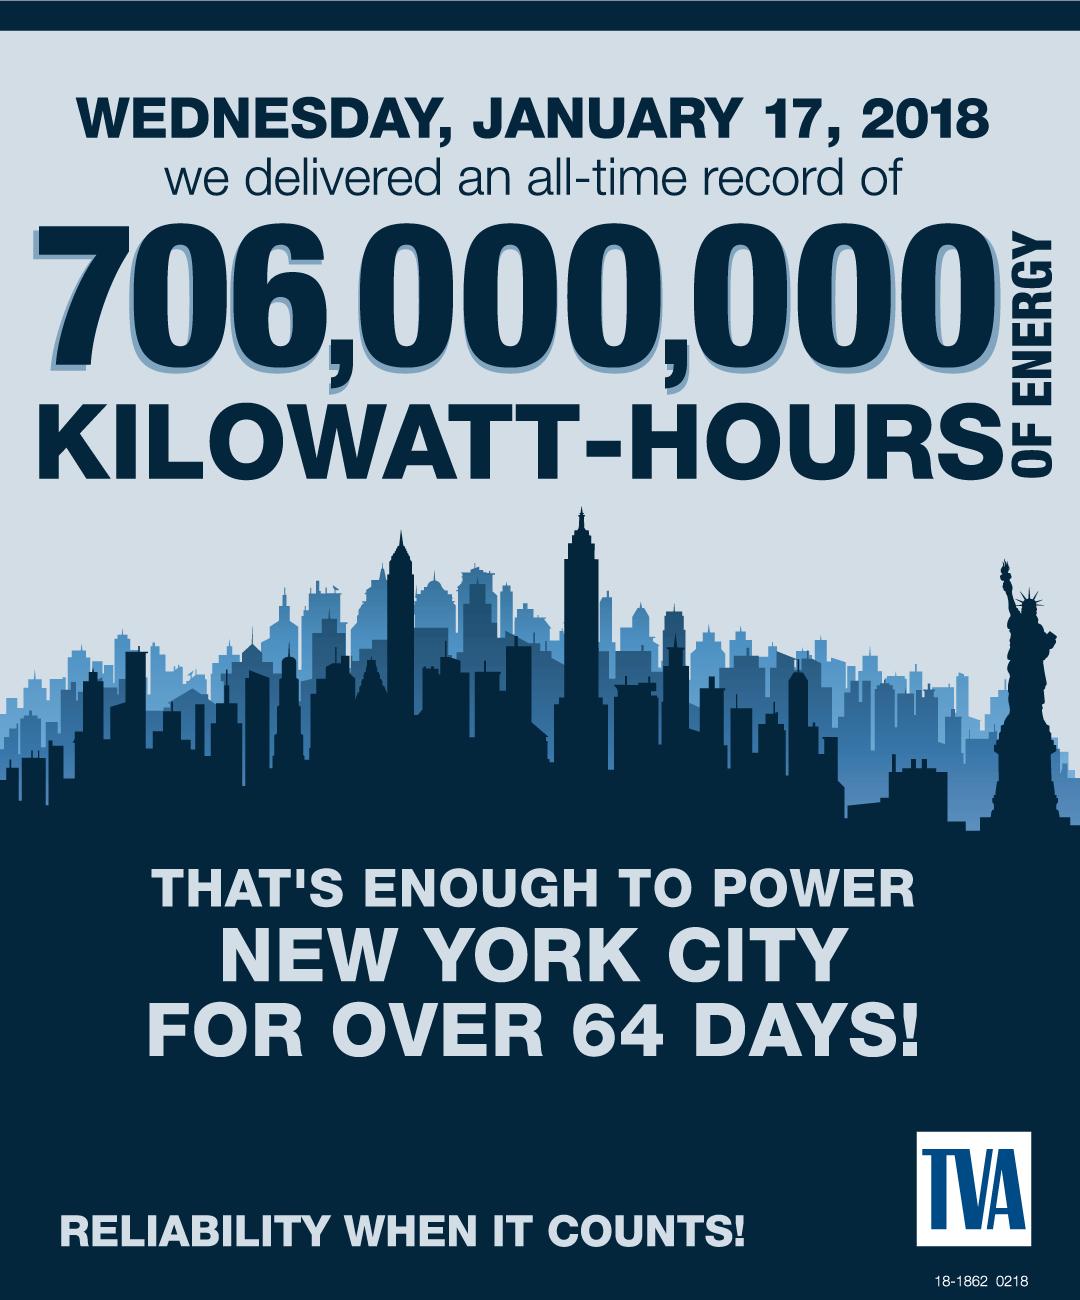 706,000,000 Kilowatt-Hours